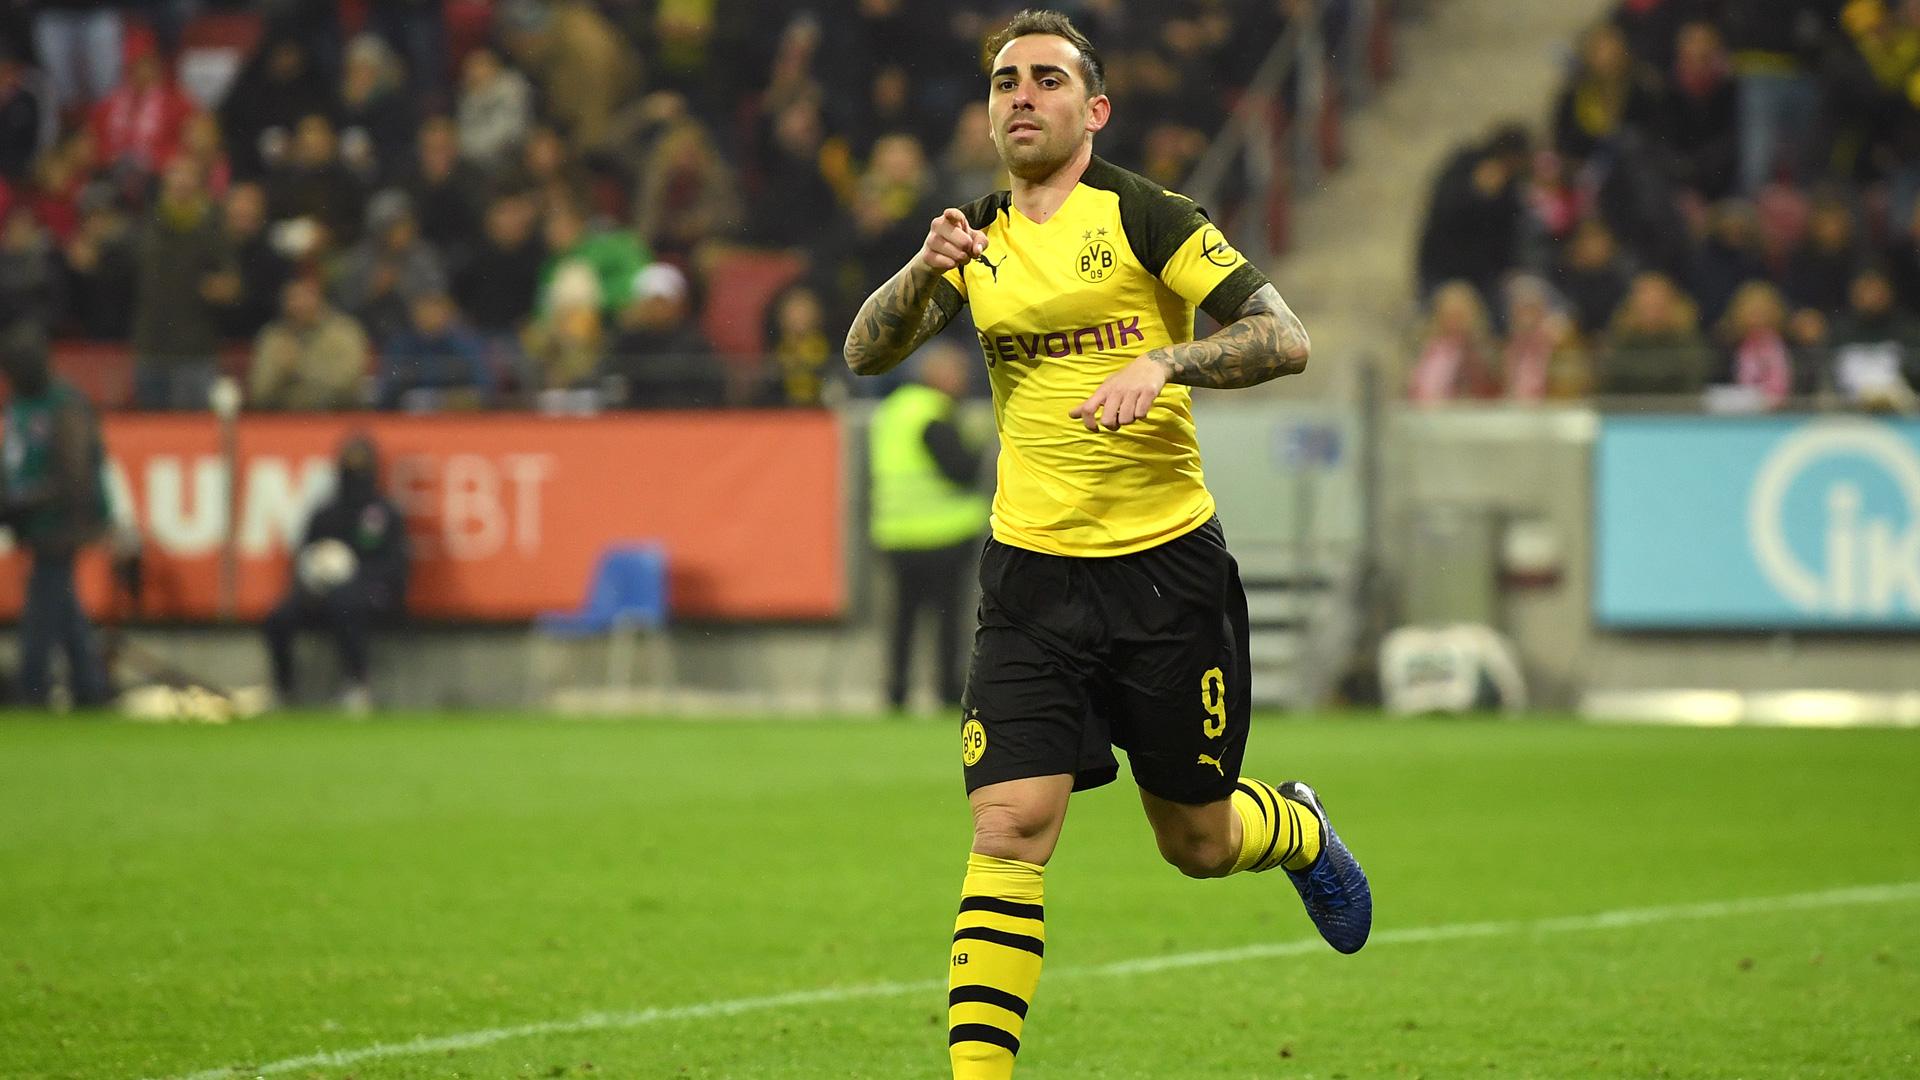 Bvb Bei Fortuna Düsseldorf Im Live Stream Und Tv Sehen Goalcom